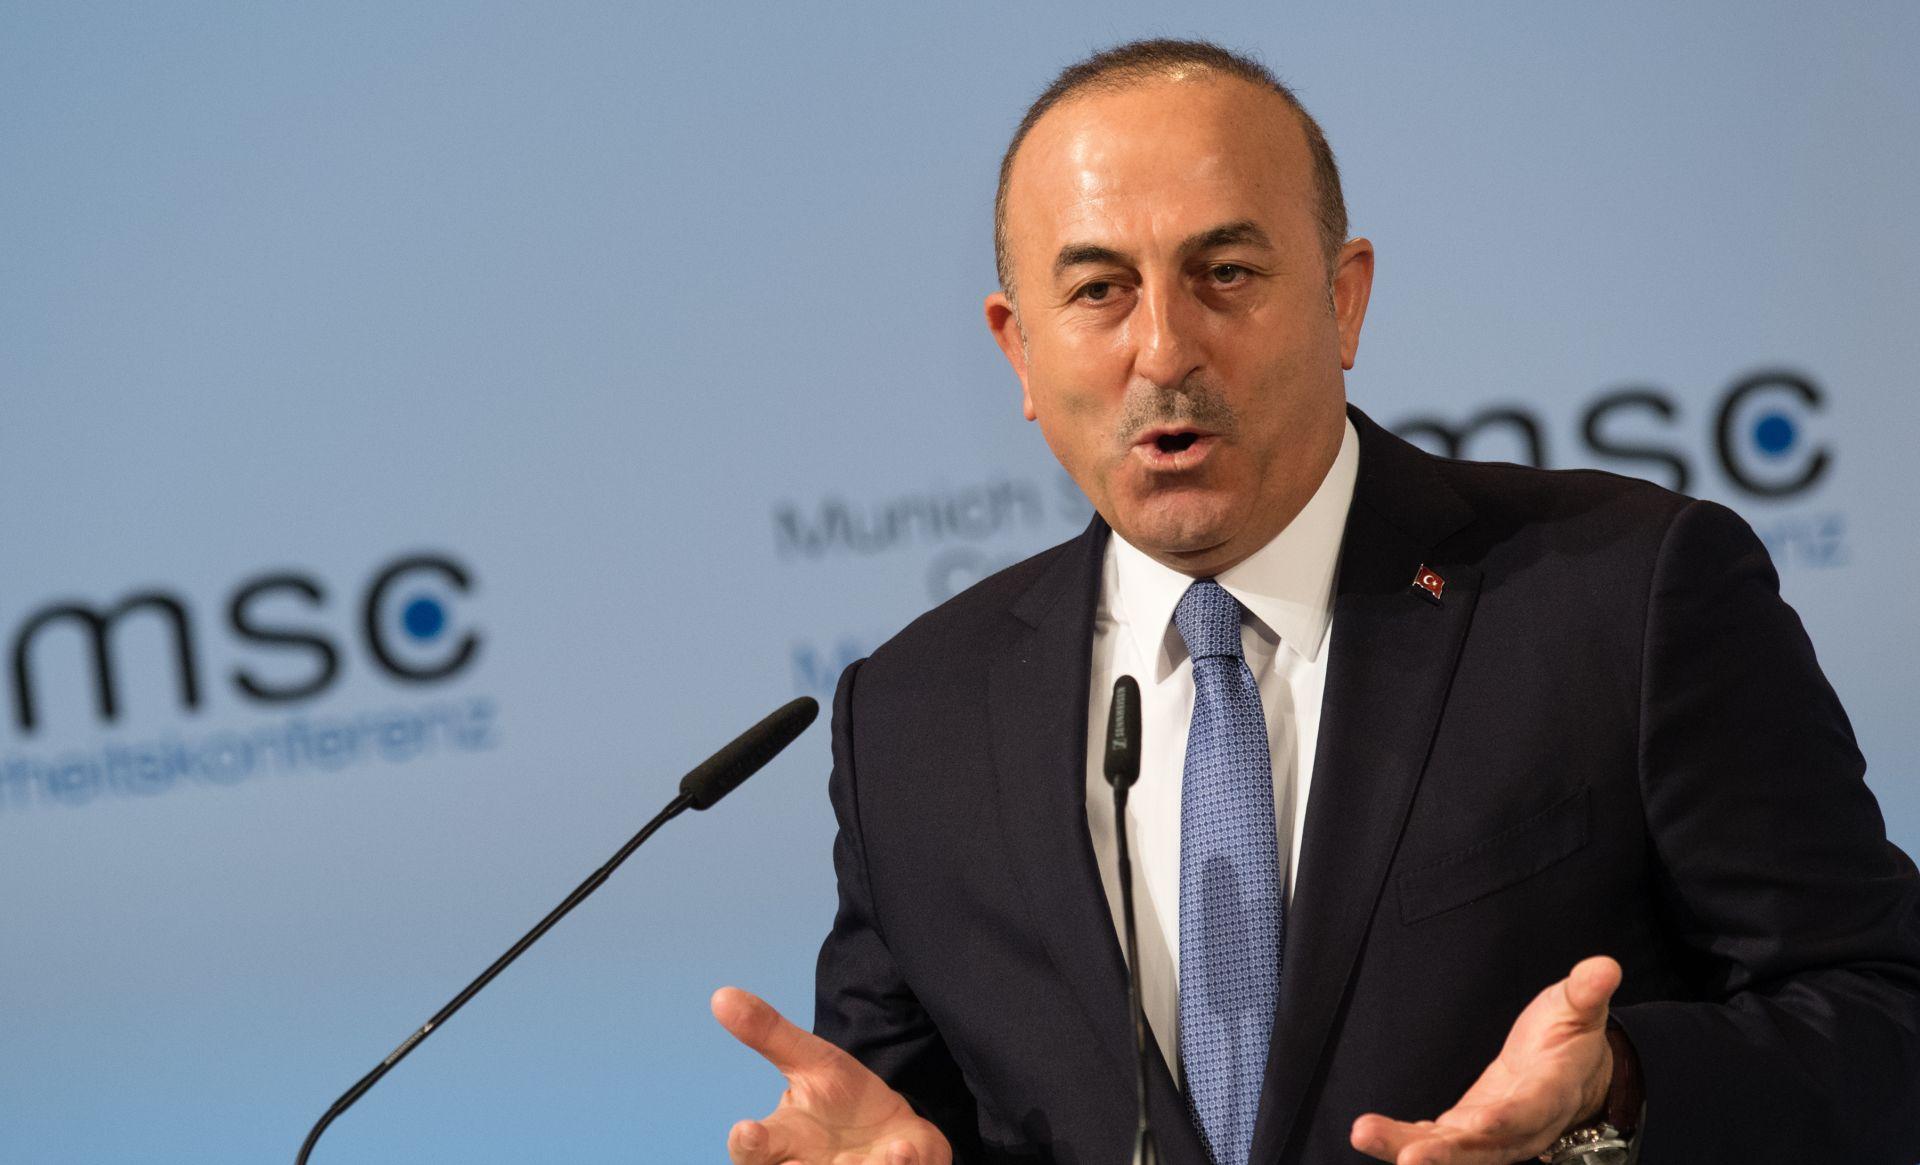 Turska tvrdi da su SAD izolirane oko Jeruzalema i osuđuje prijetnje